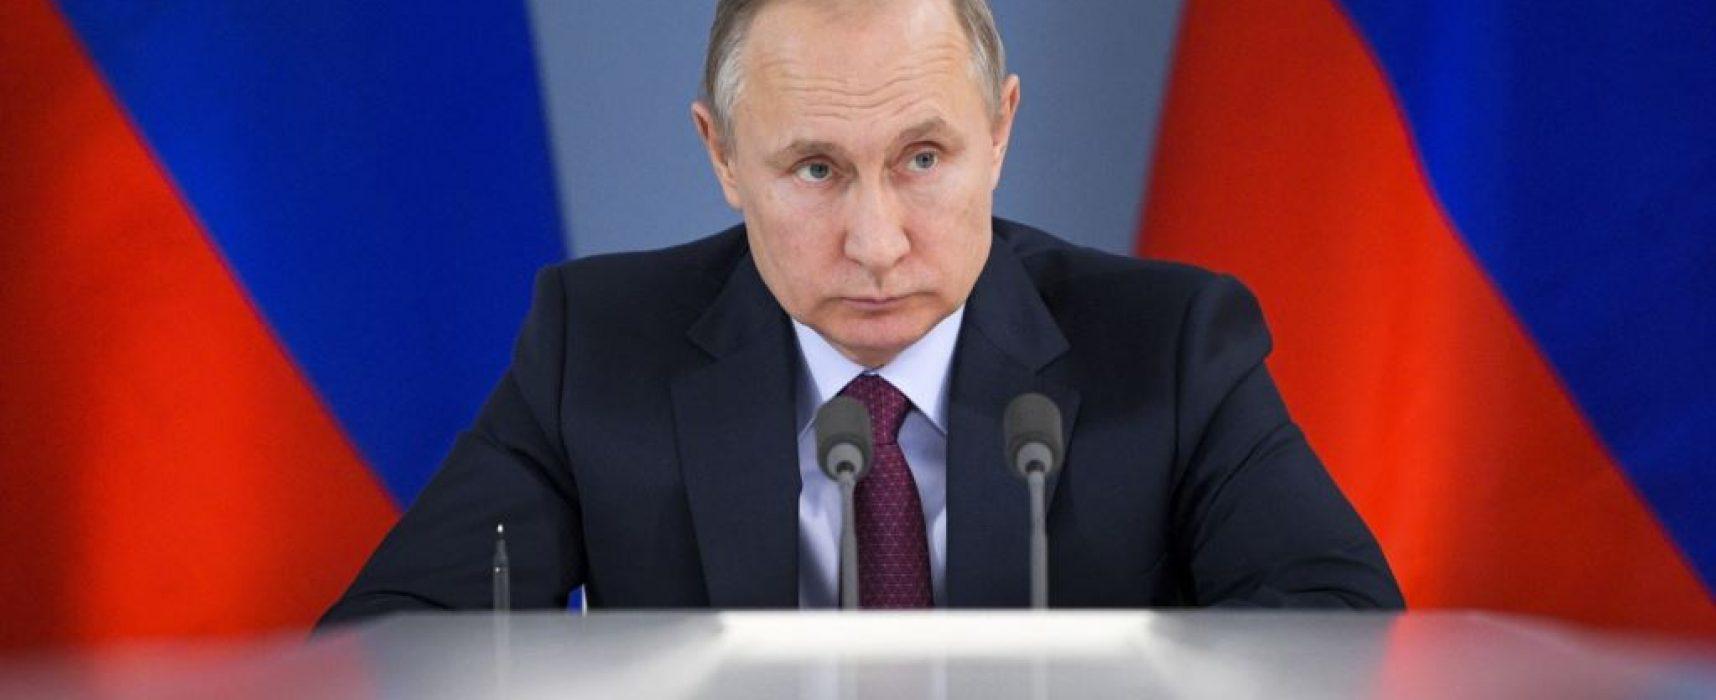 Путинский миропорядок и крымские татары